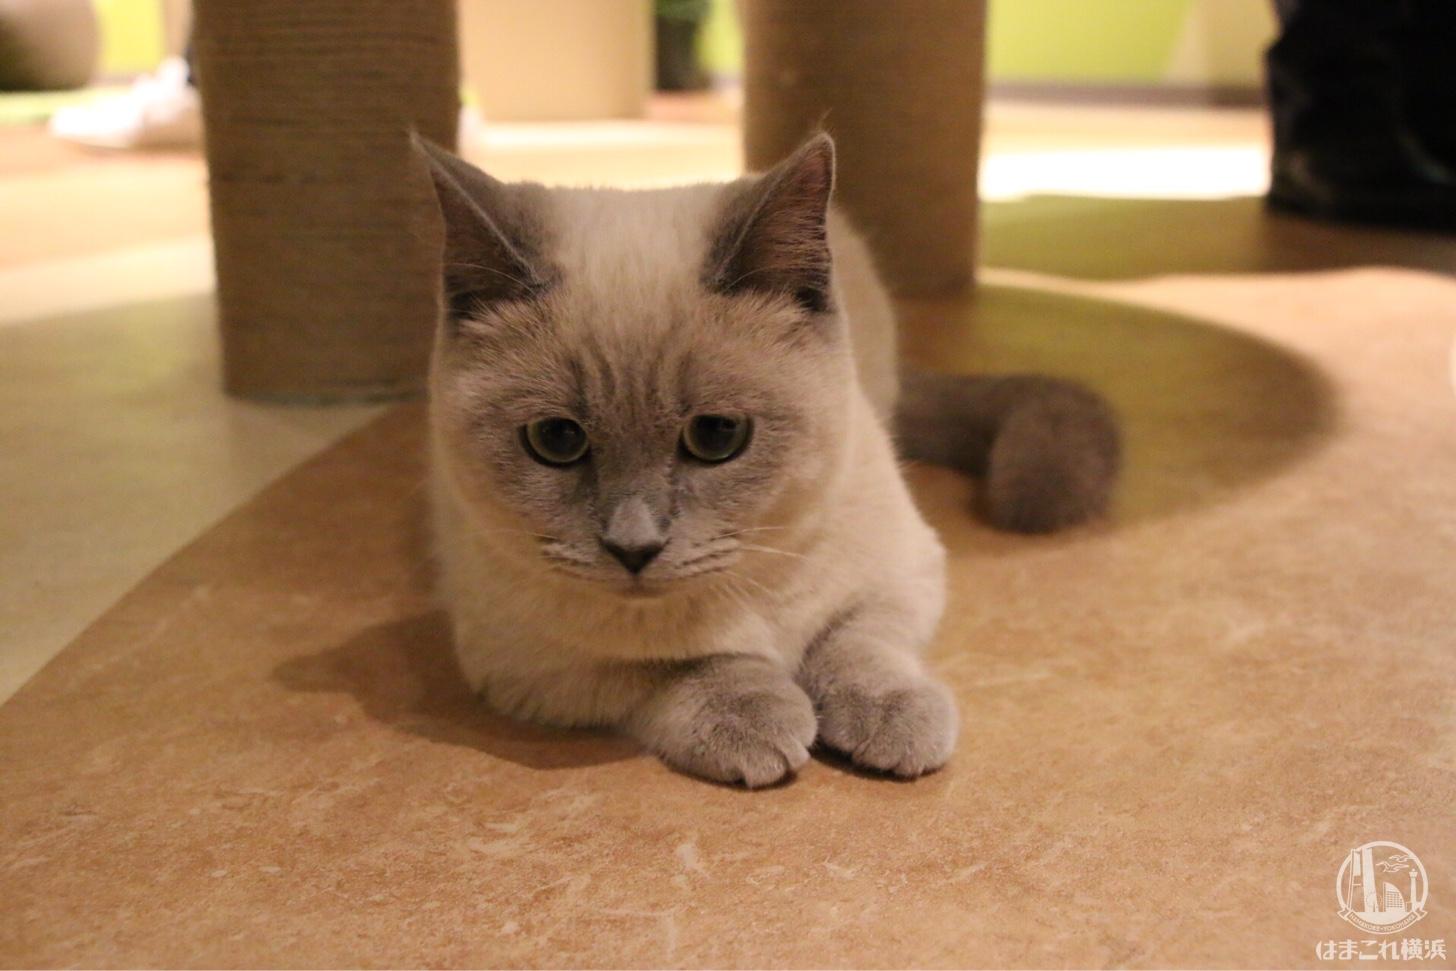 キャットパラダイス 猫